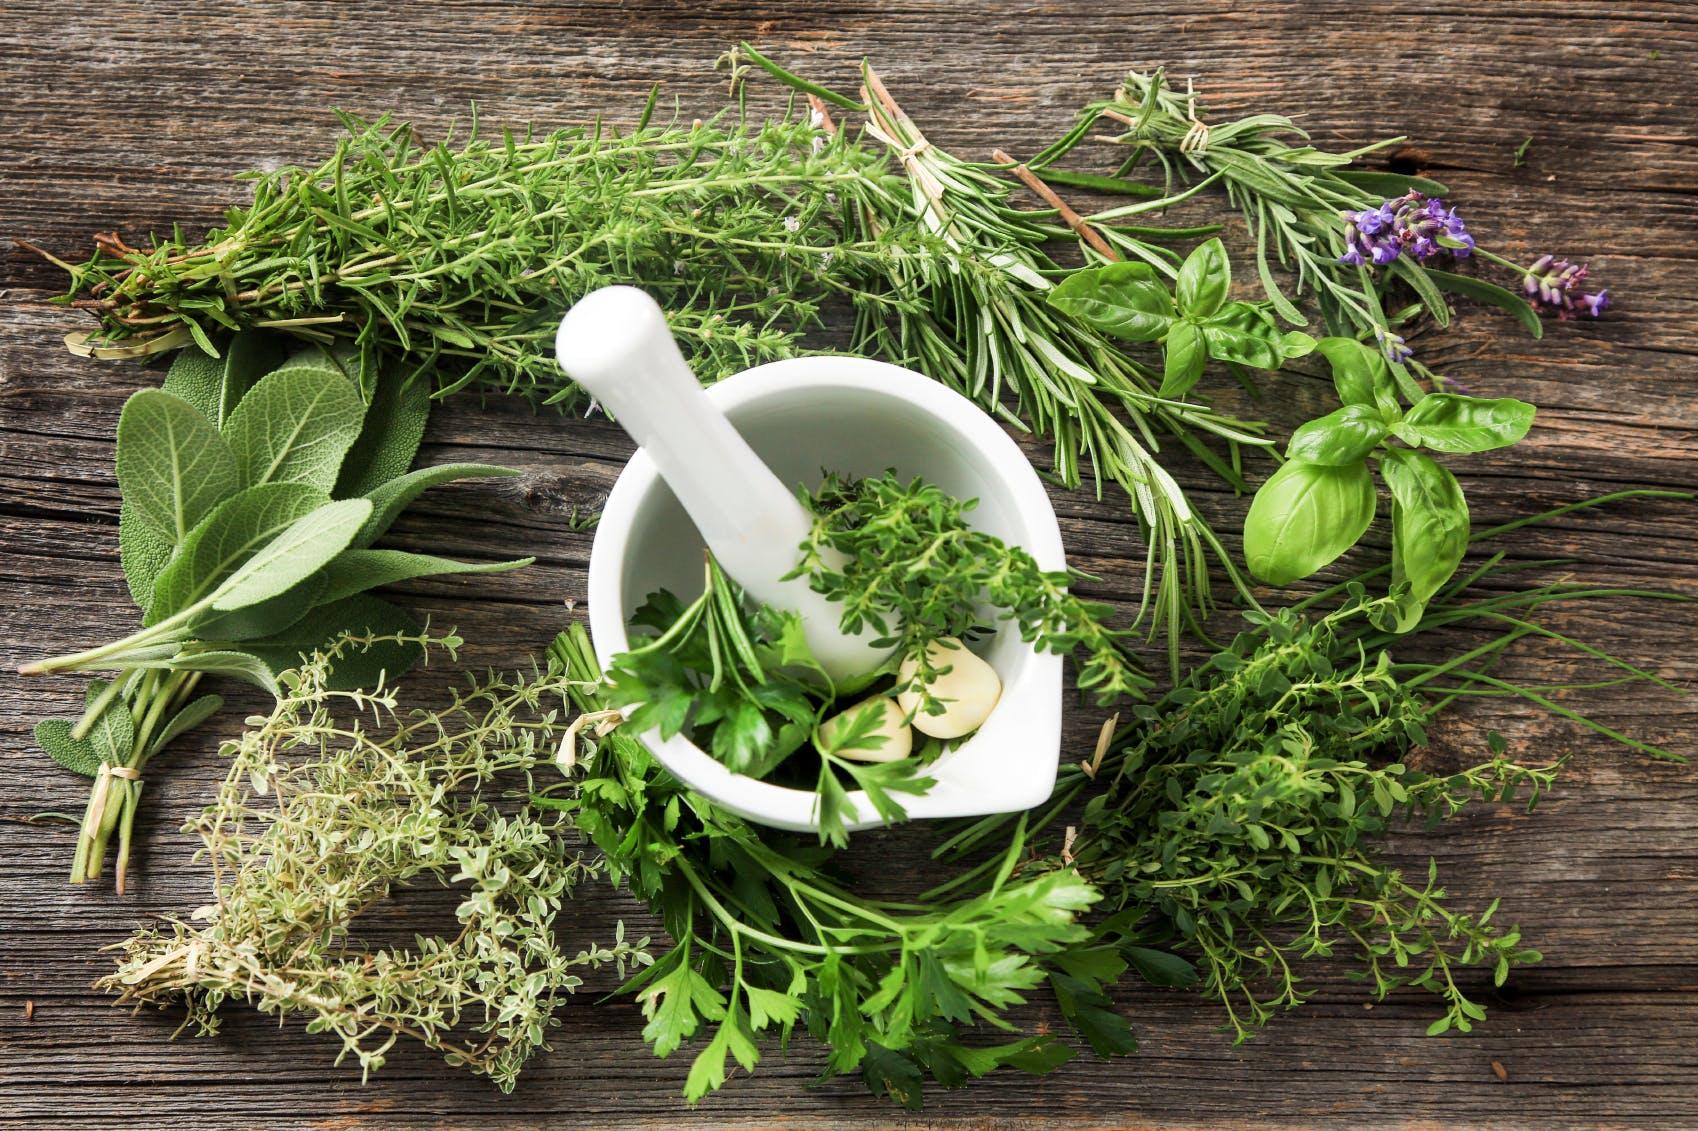 Plantes aromatiques, des aliments détox qui aident à bien digérer ...